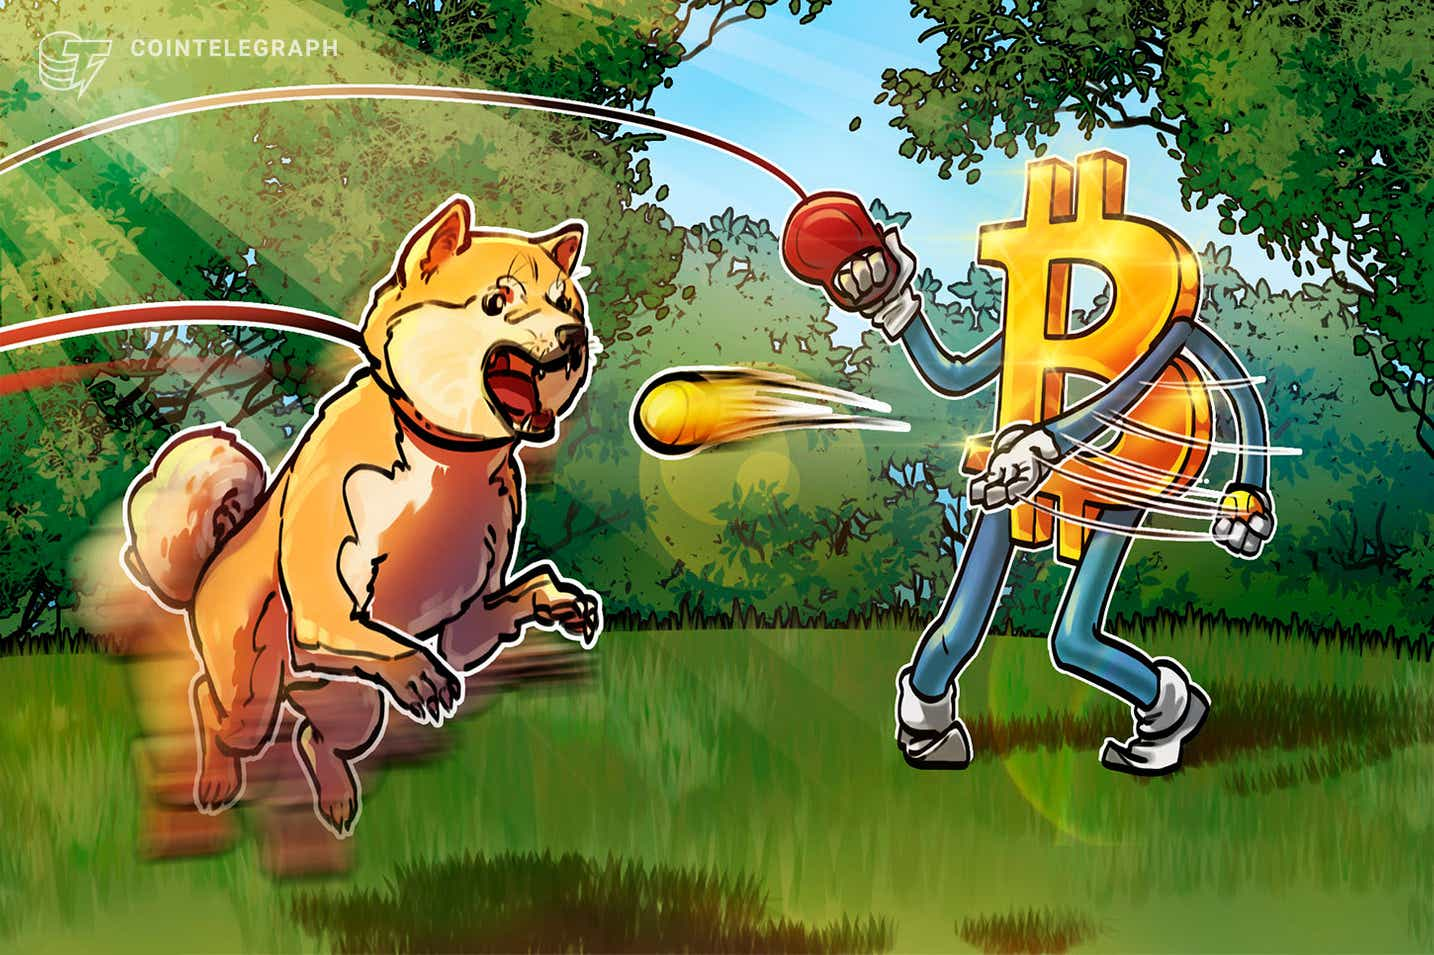 Dogecoin gubi 70% u odnosu na Bitcoin tijekom 6 mjeseci priznanja DOGE -a poznatih osoba